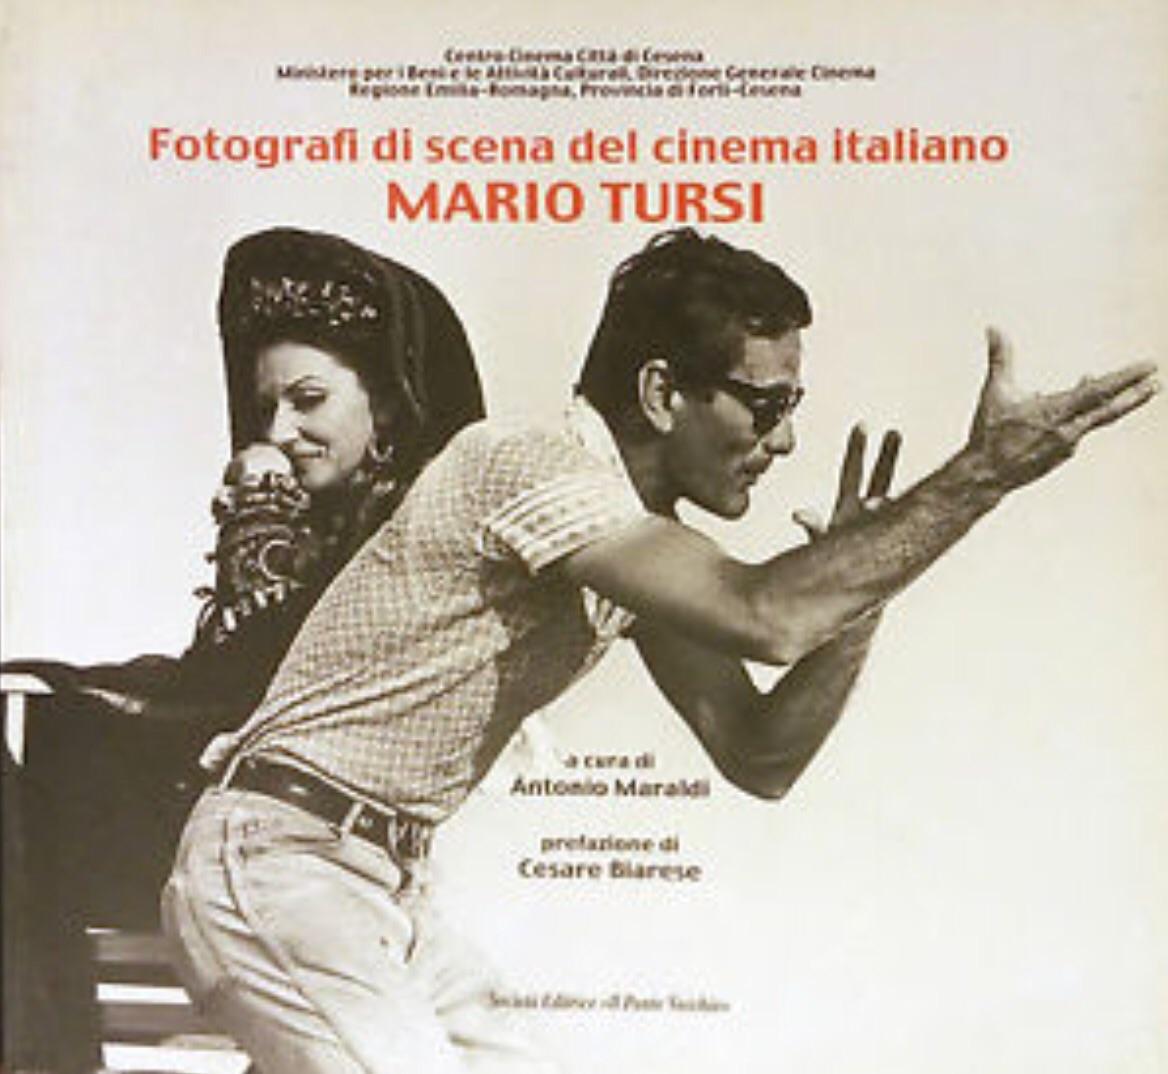 Fotografi di scena del cinema italiano